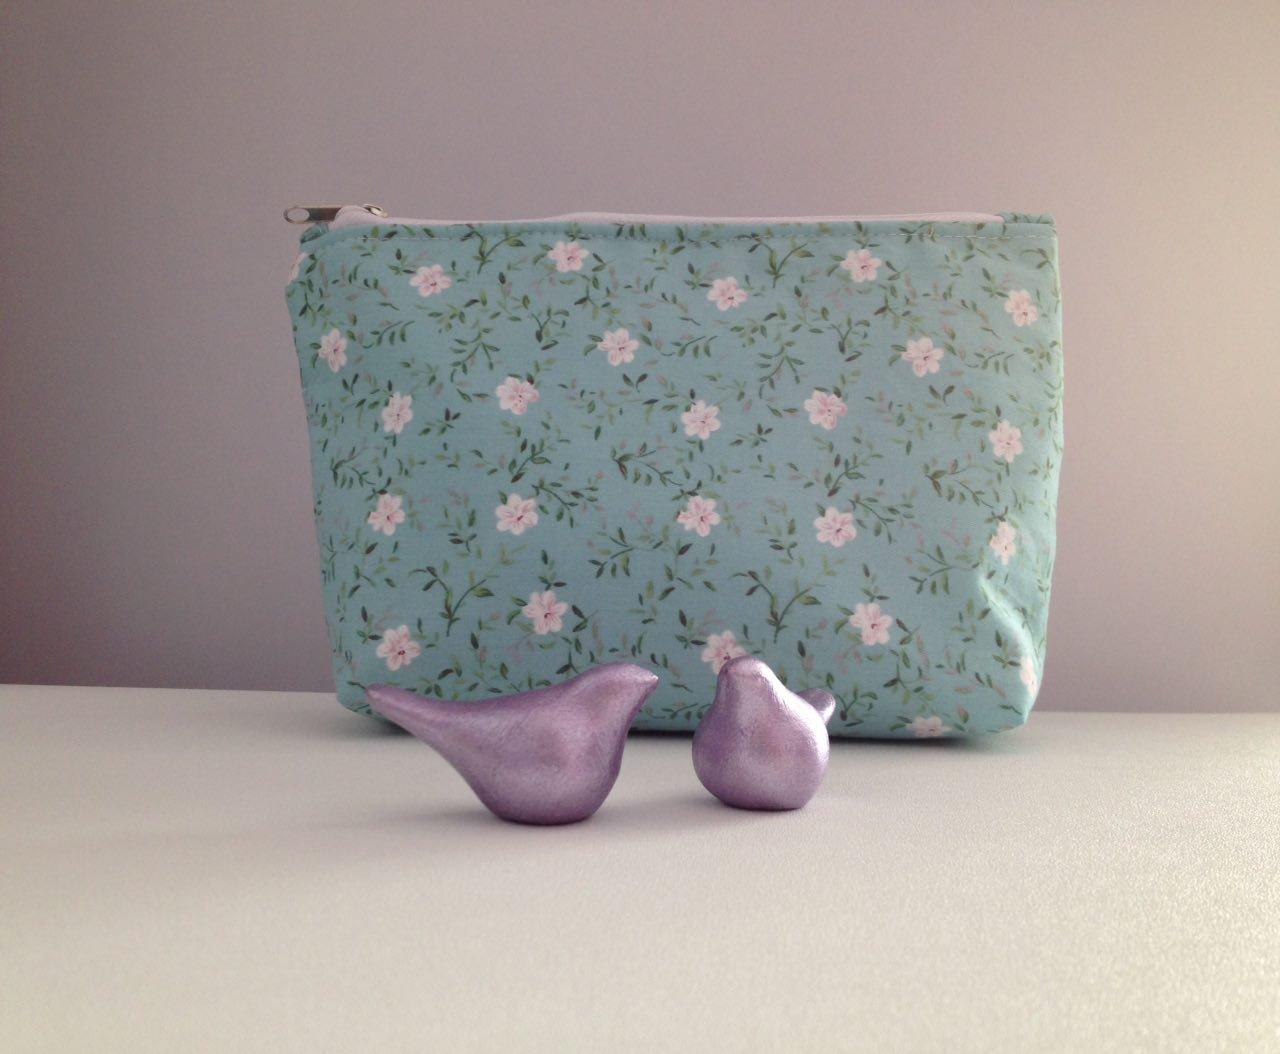 کیف لوازم آرایش آنام طرح شکوفه سبز